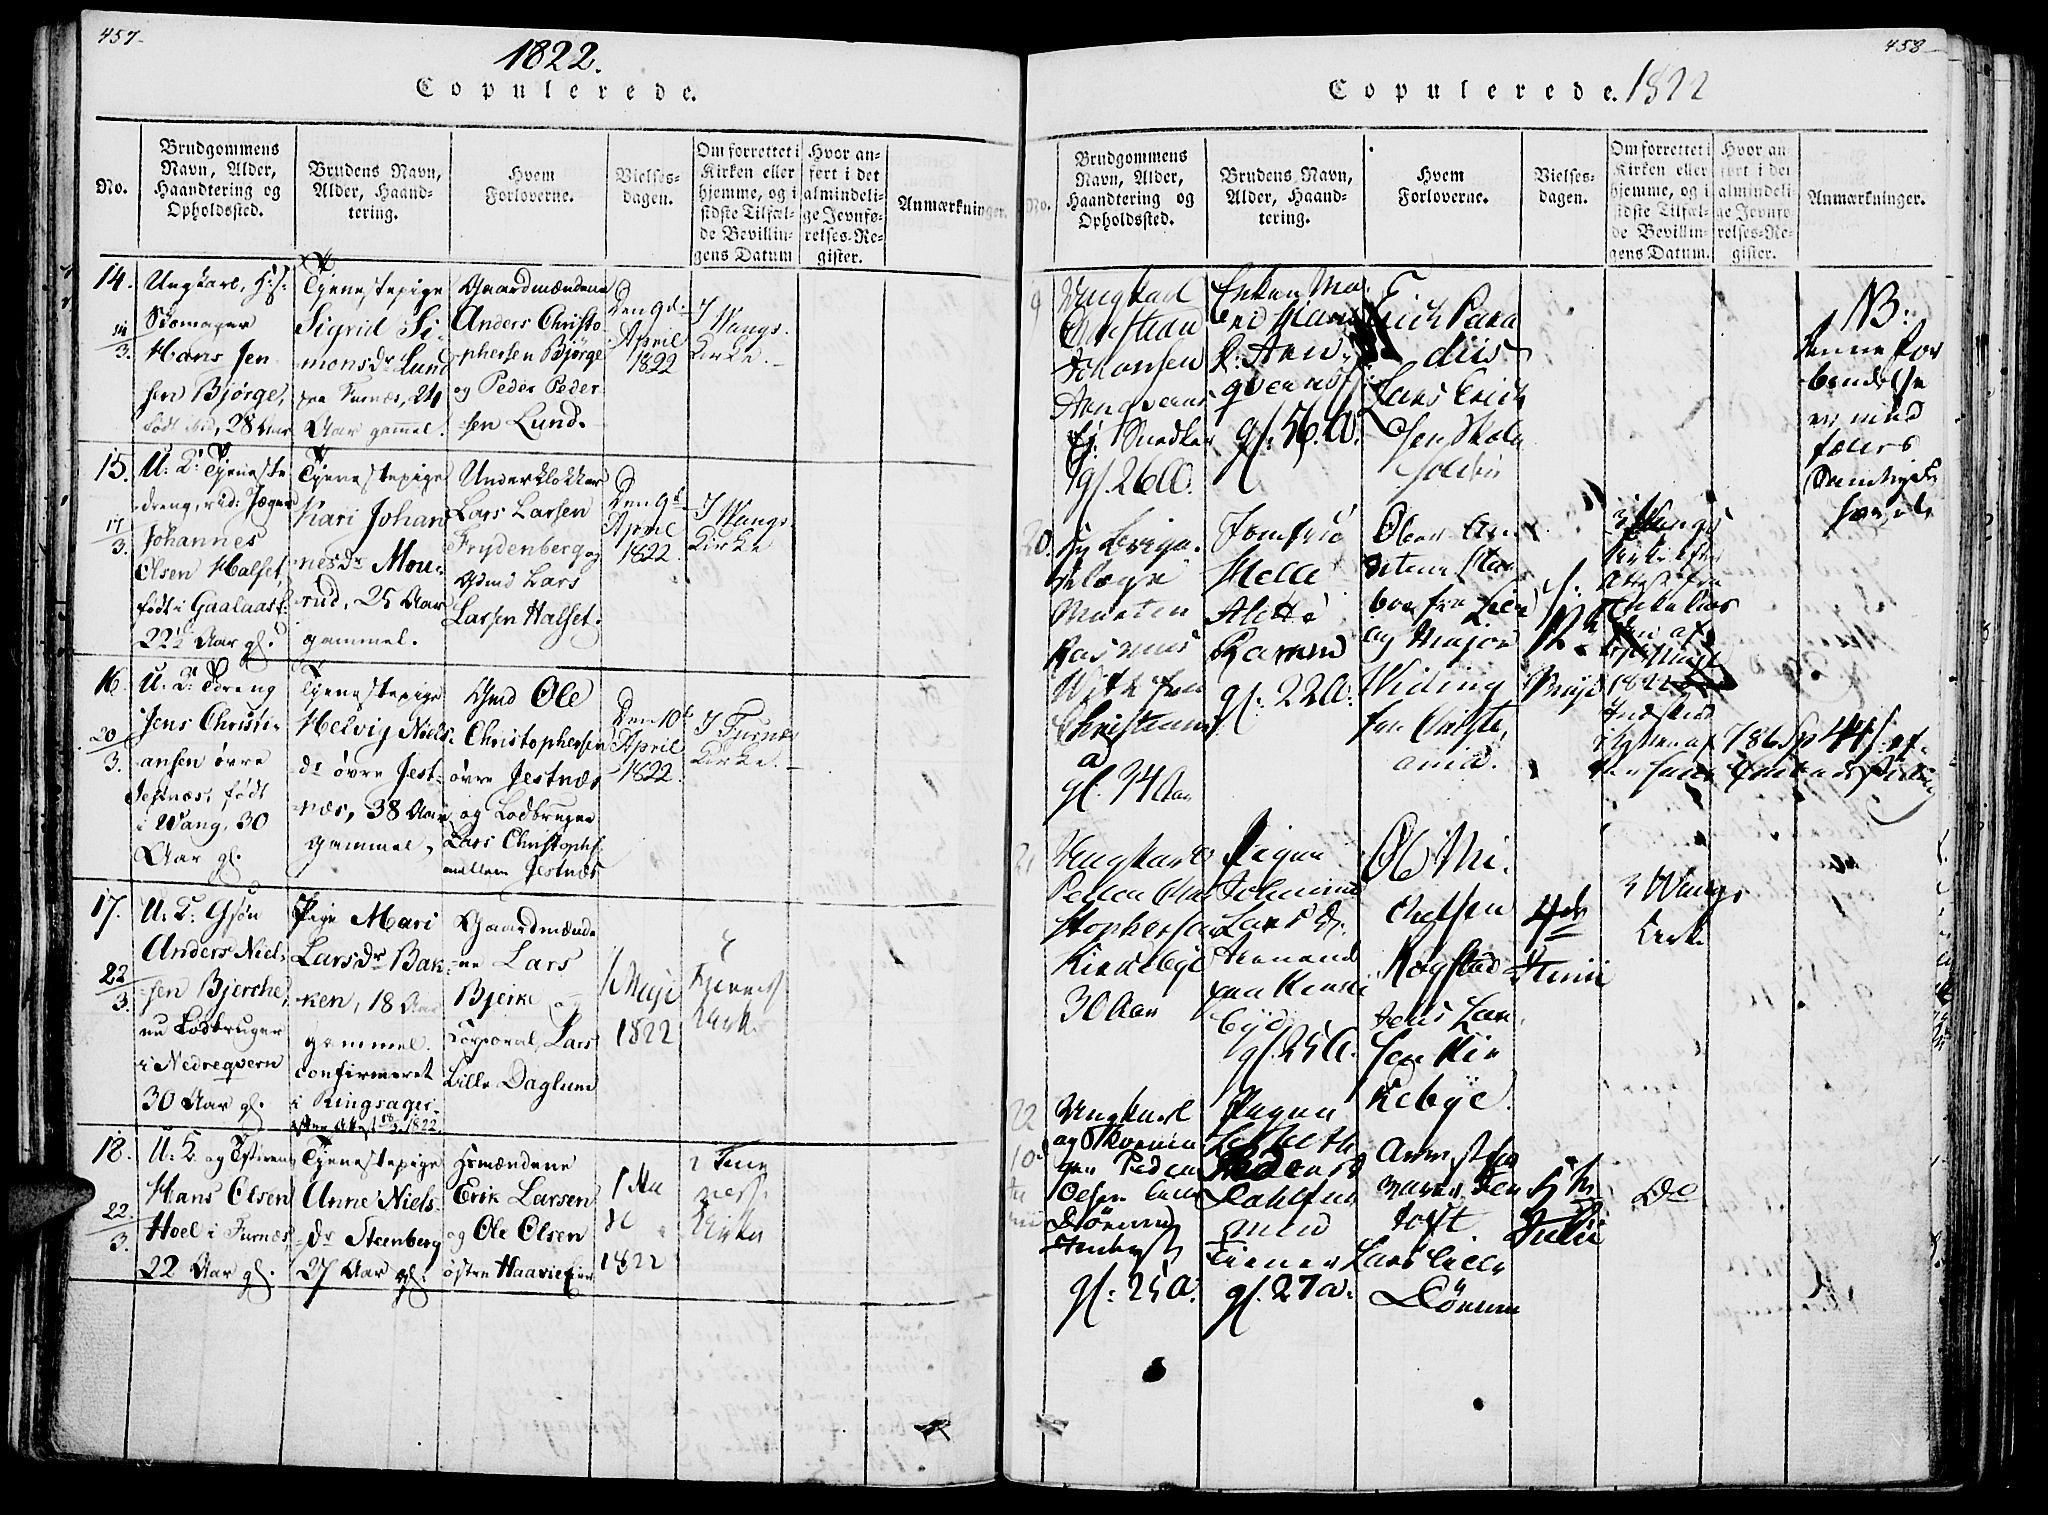 SAH, Vang prestekontor, Hedmark, H/Ha/Haa/L0007: Ministerialbok nr. 7, 1813-1826, s. 457-458